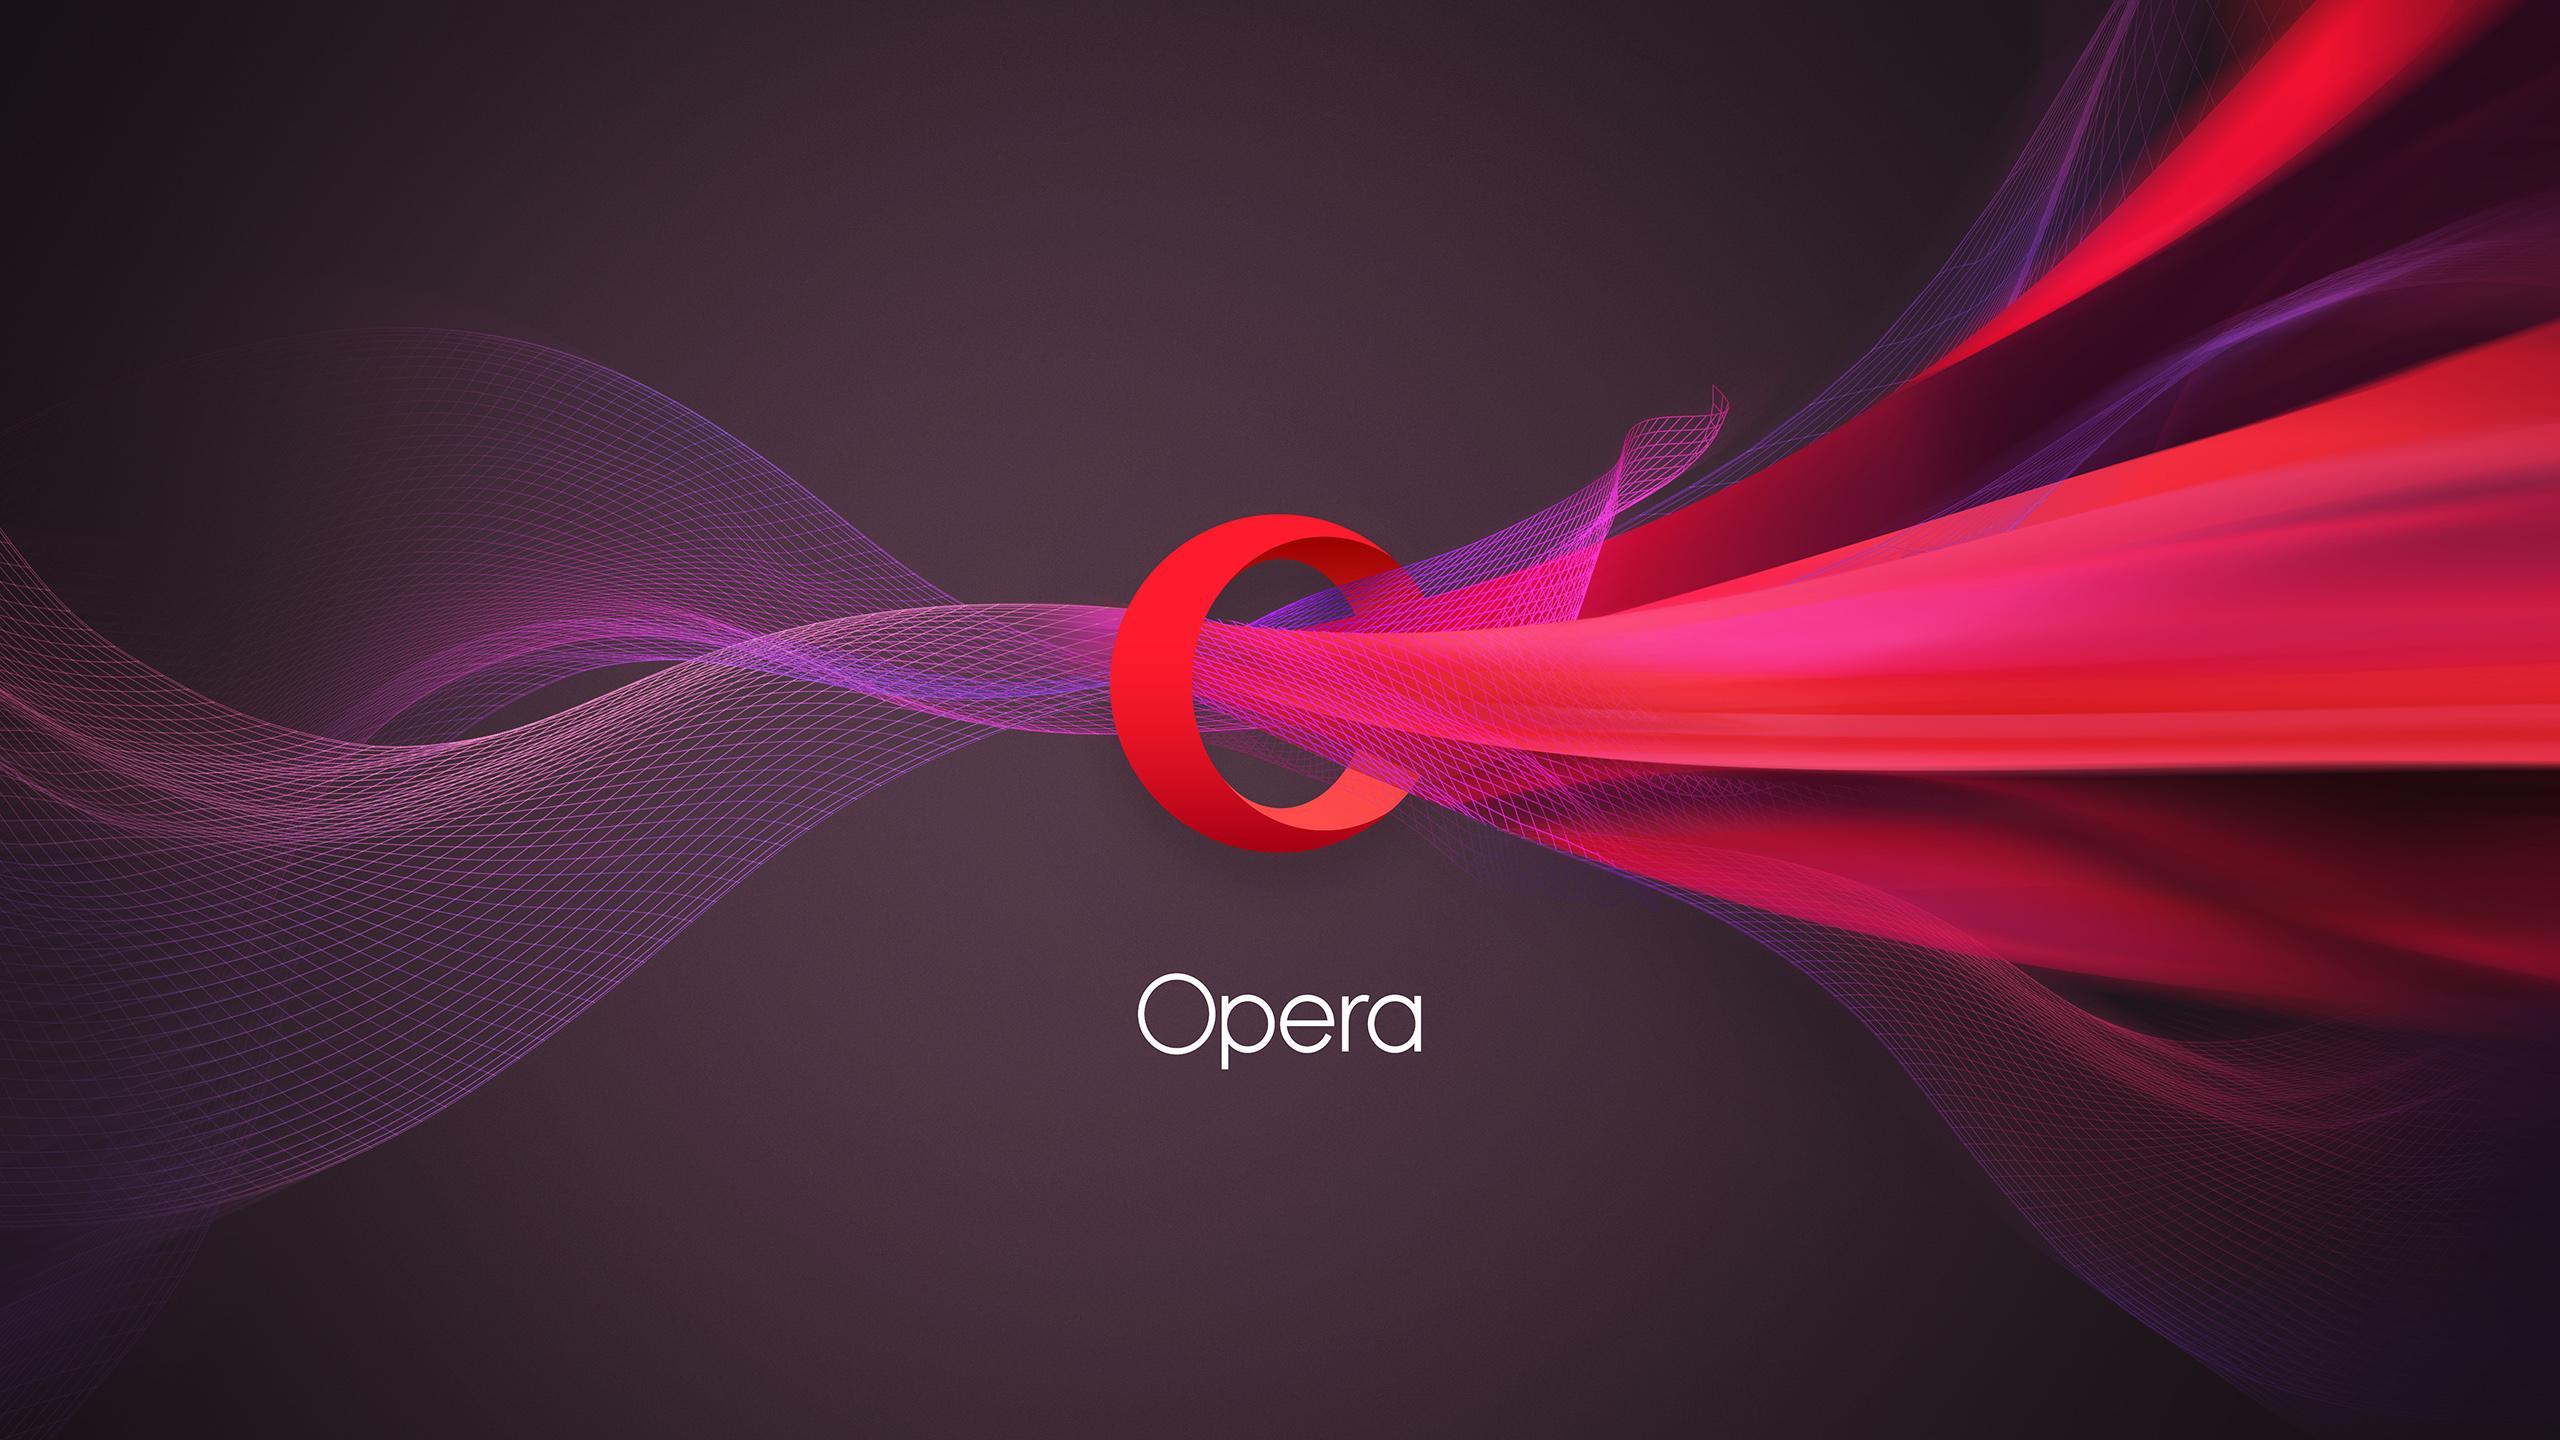 Si vous utilisez Opera, vos mots de passe sont peut-être en danger